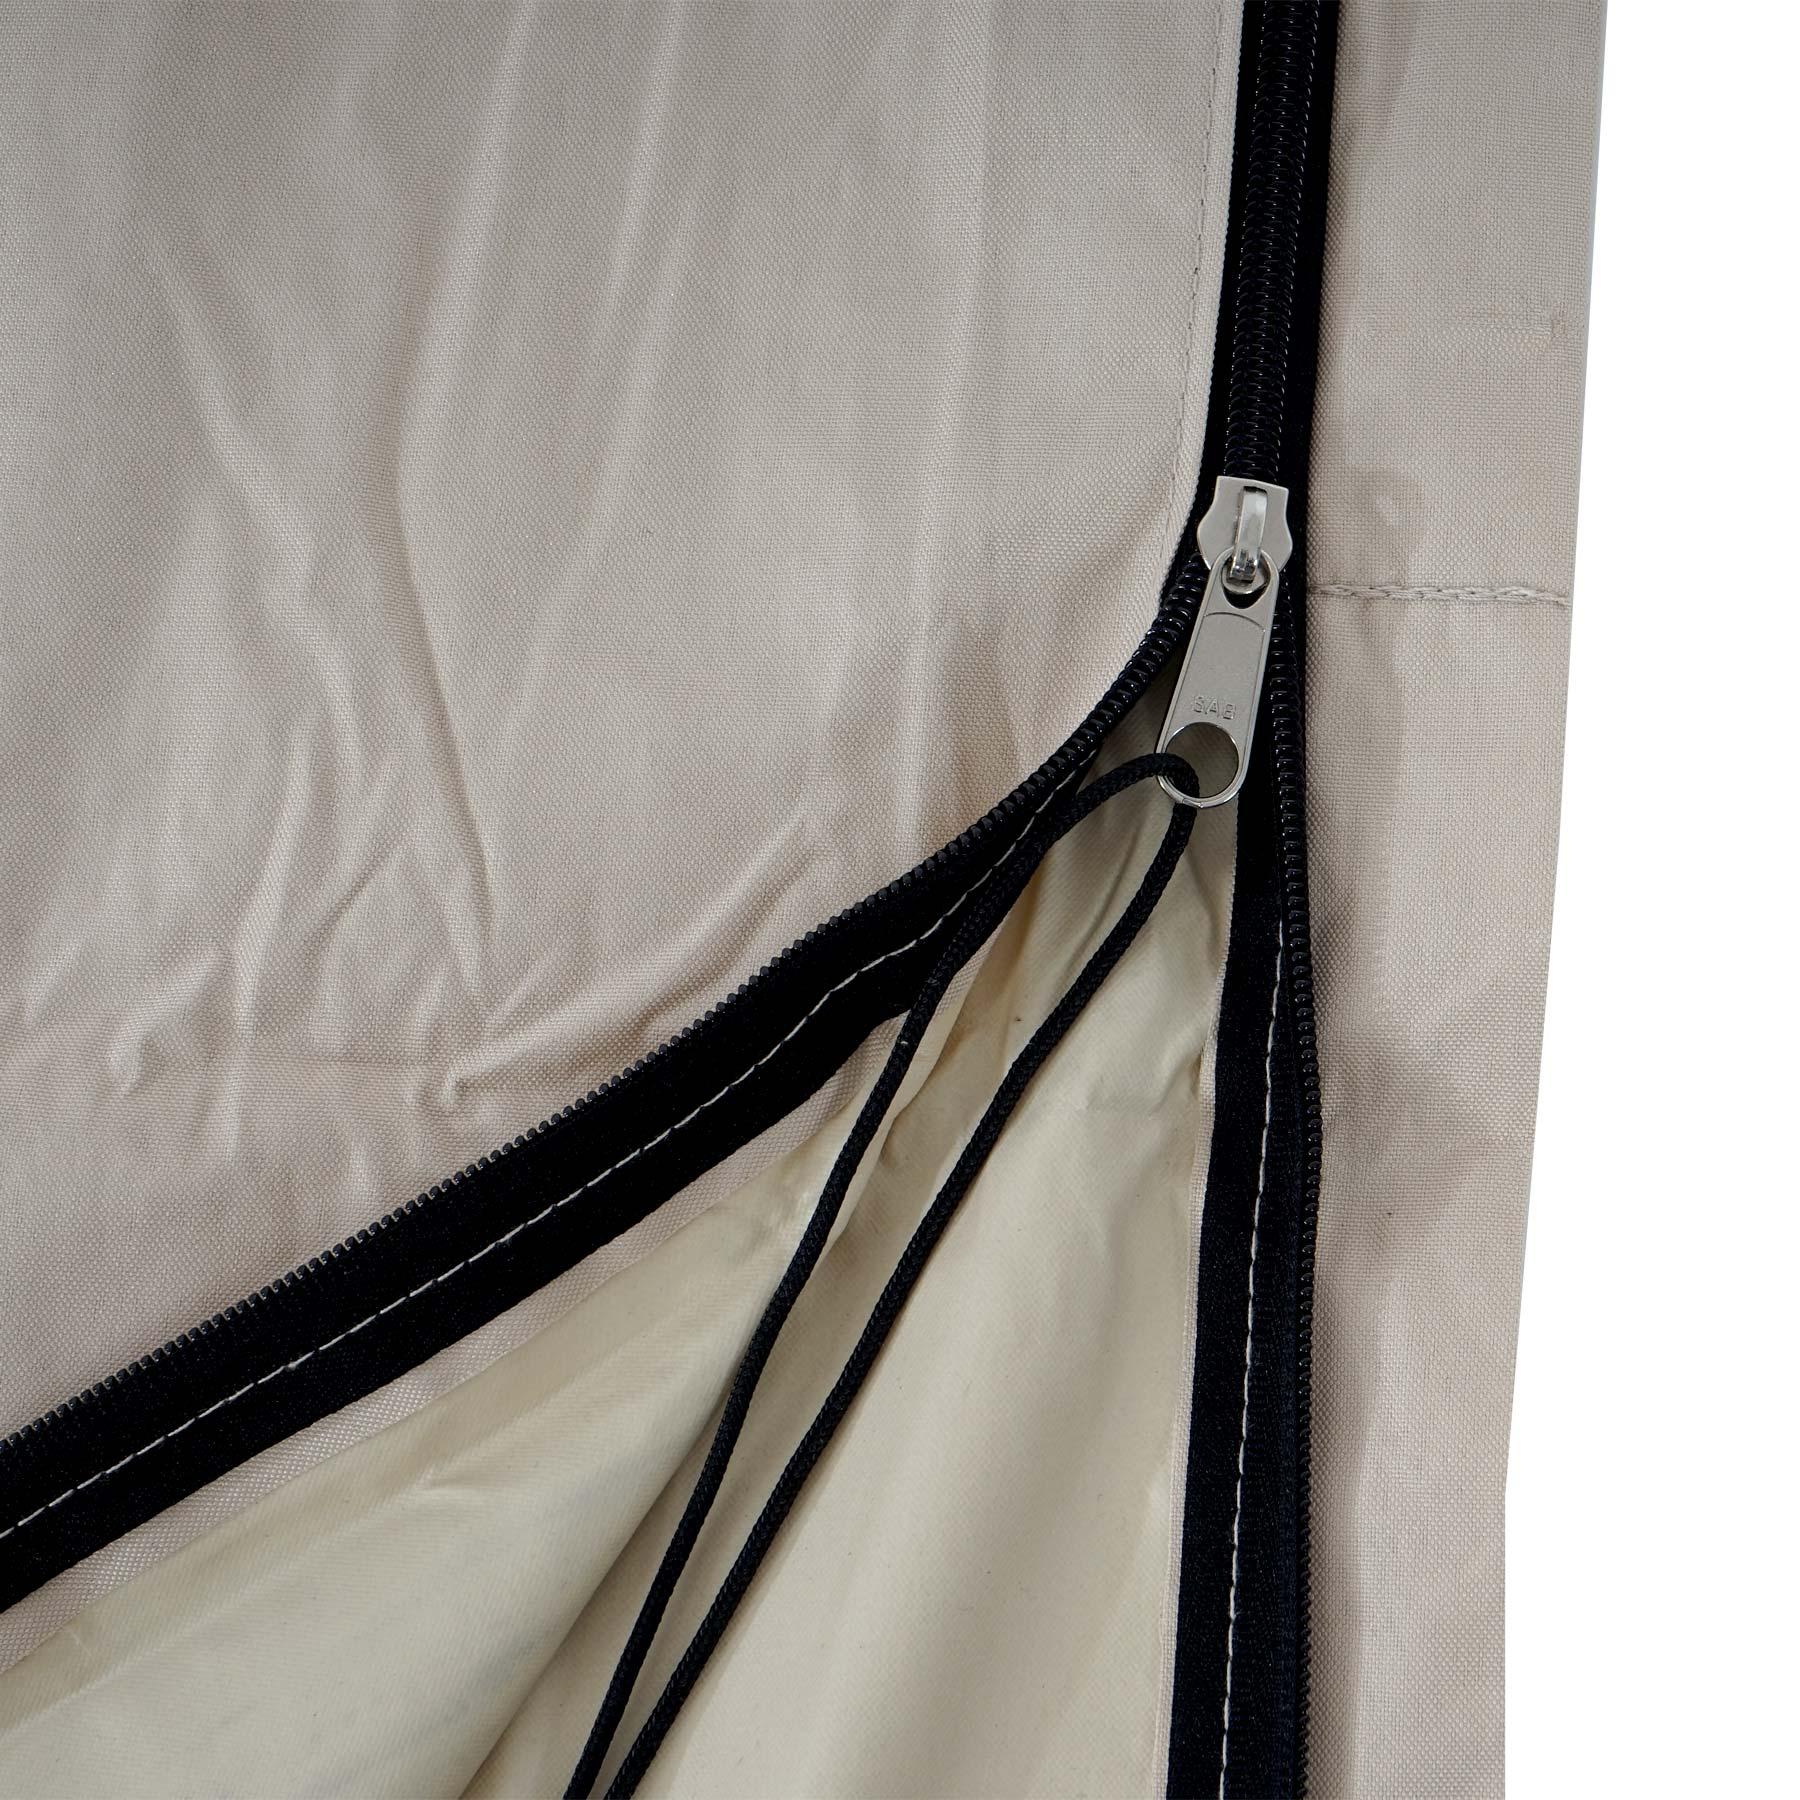 Schutzhülle HWC für Ampelschirm bis 4,3 m Detailansicht Reißverschluss